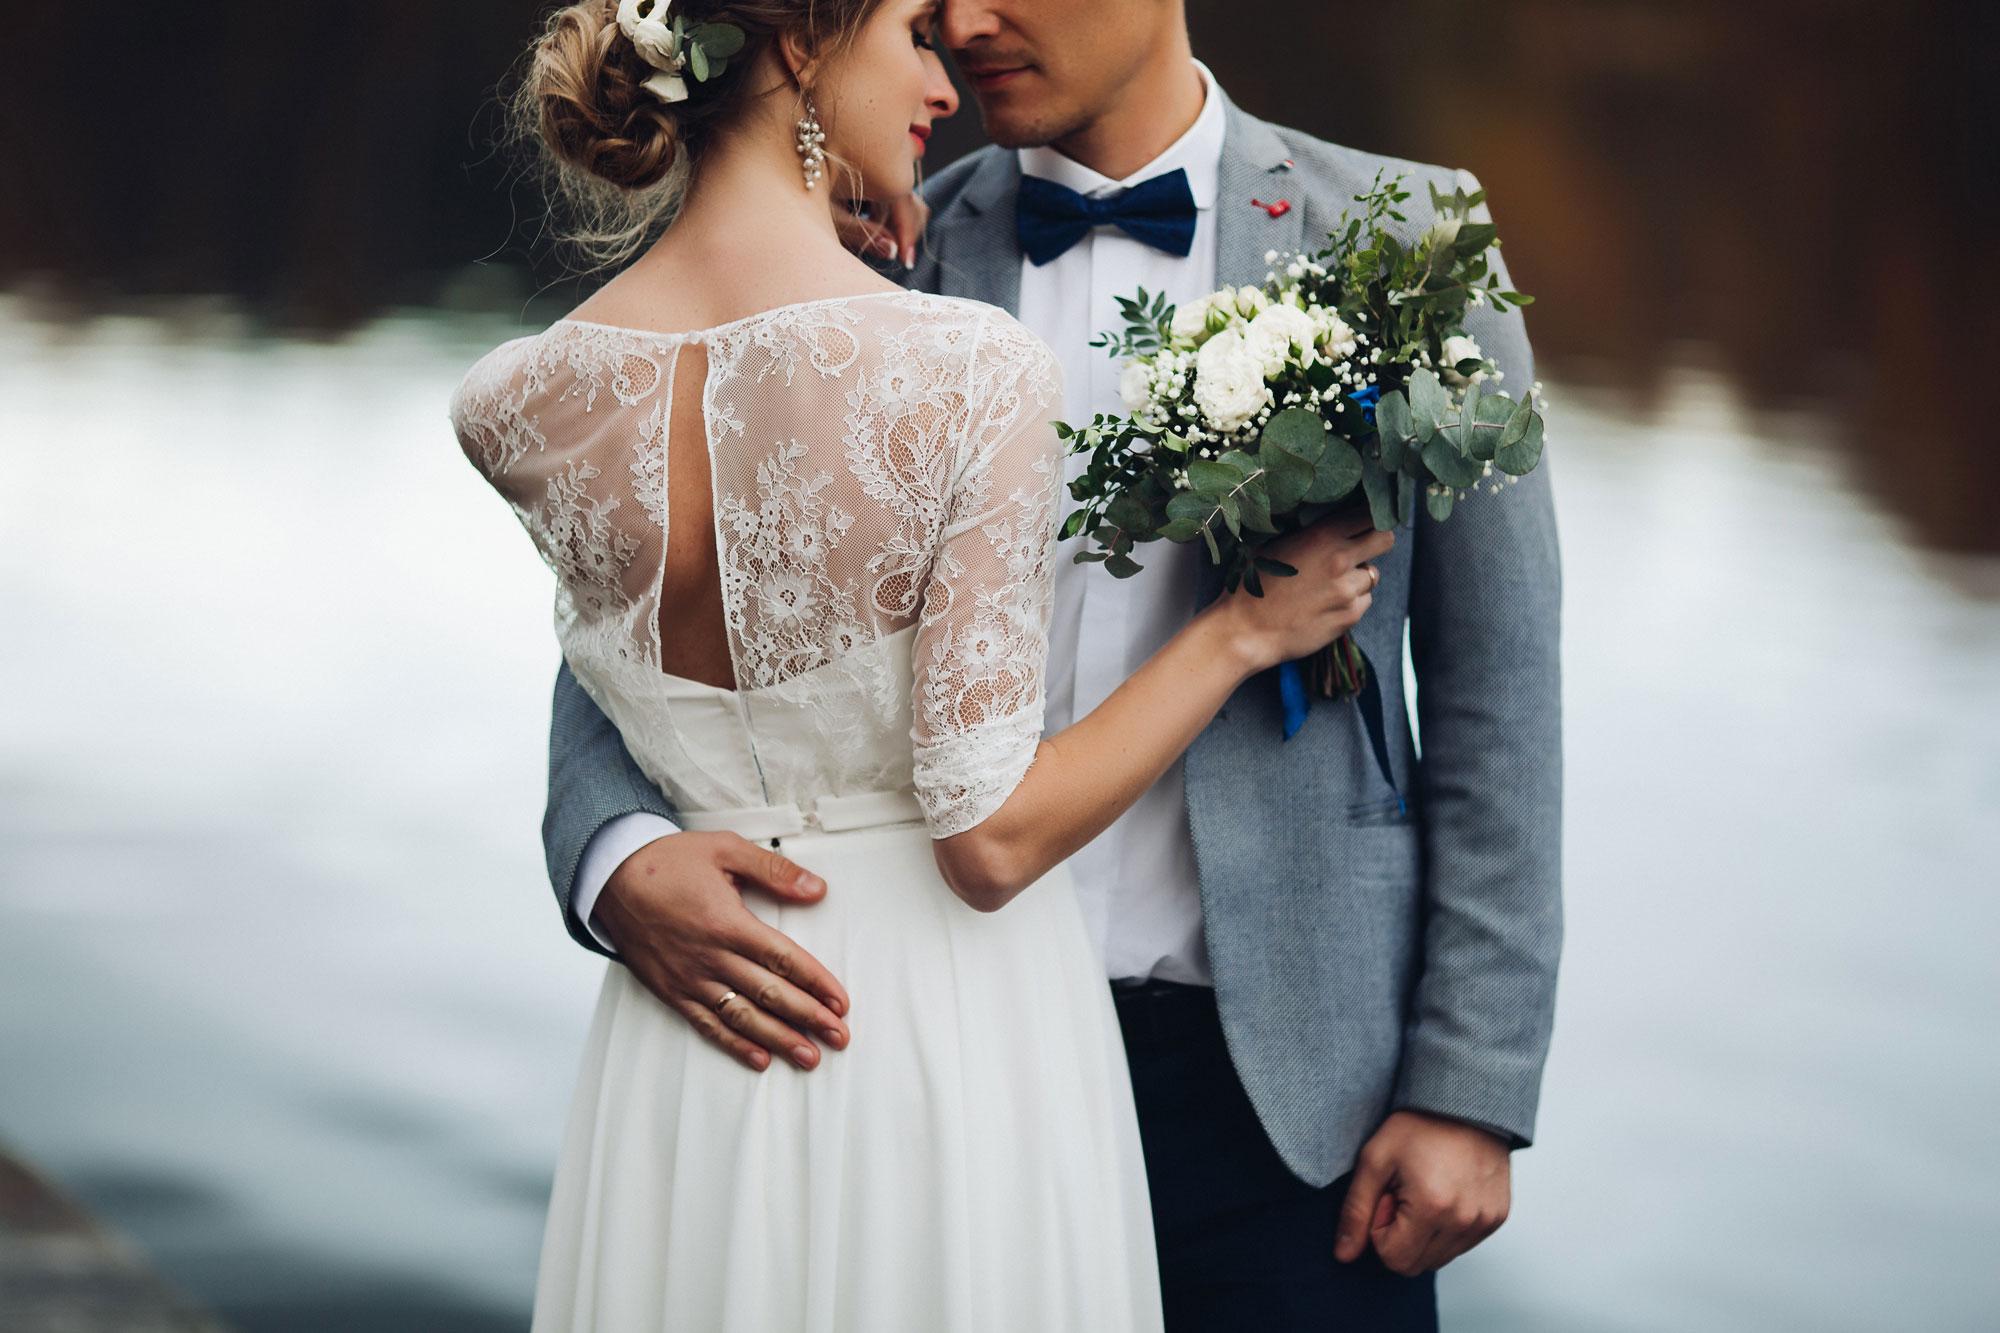 Prima notte di nozze